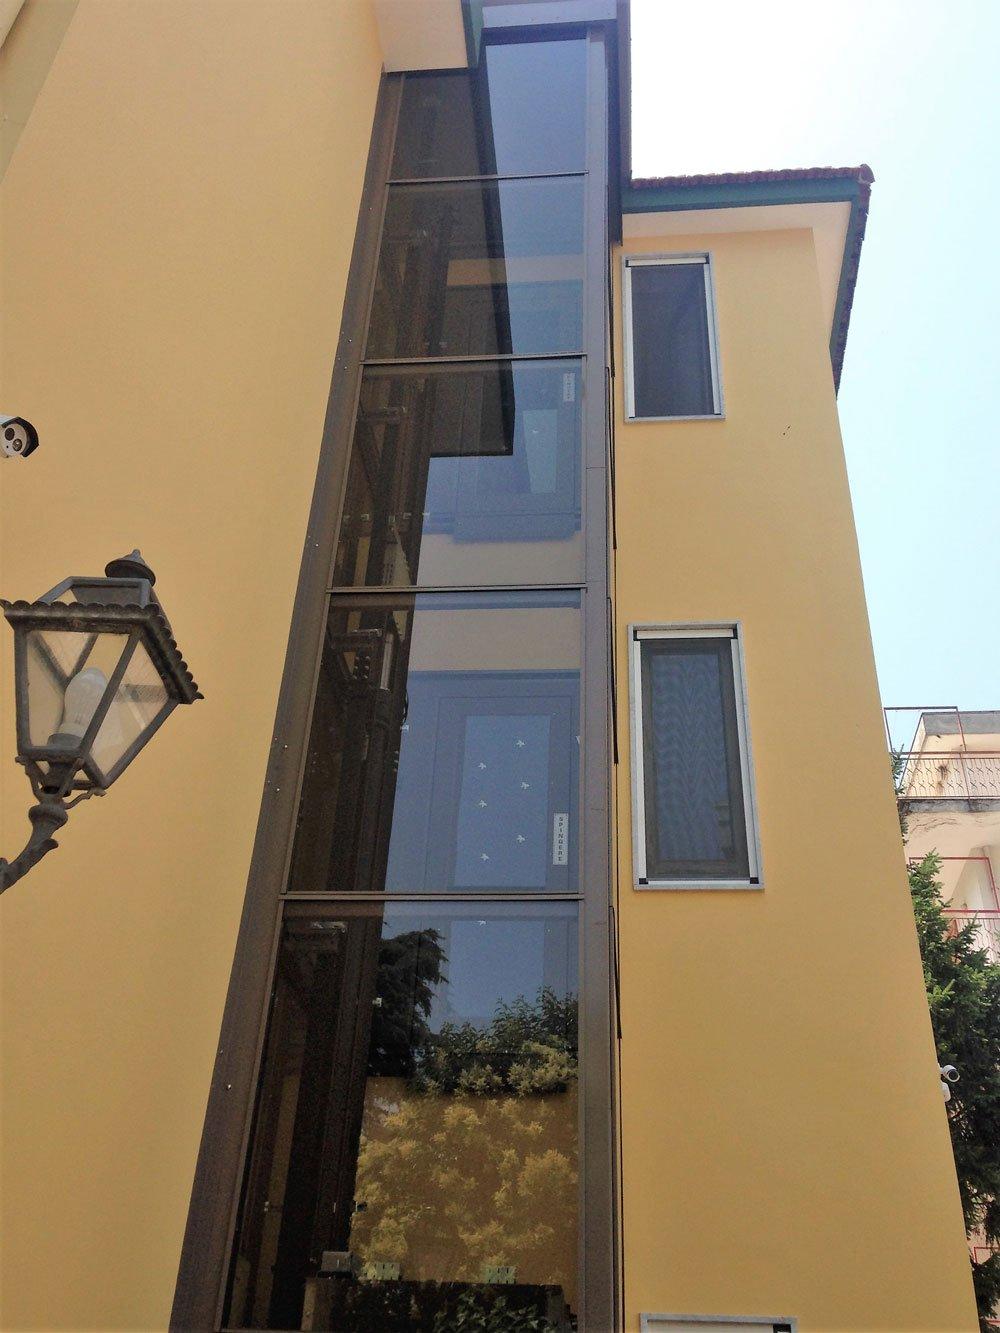 una struttura di ferro e vetro che ospita un ascensore esterna vicino a un condominio color sabbia